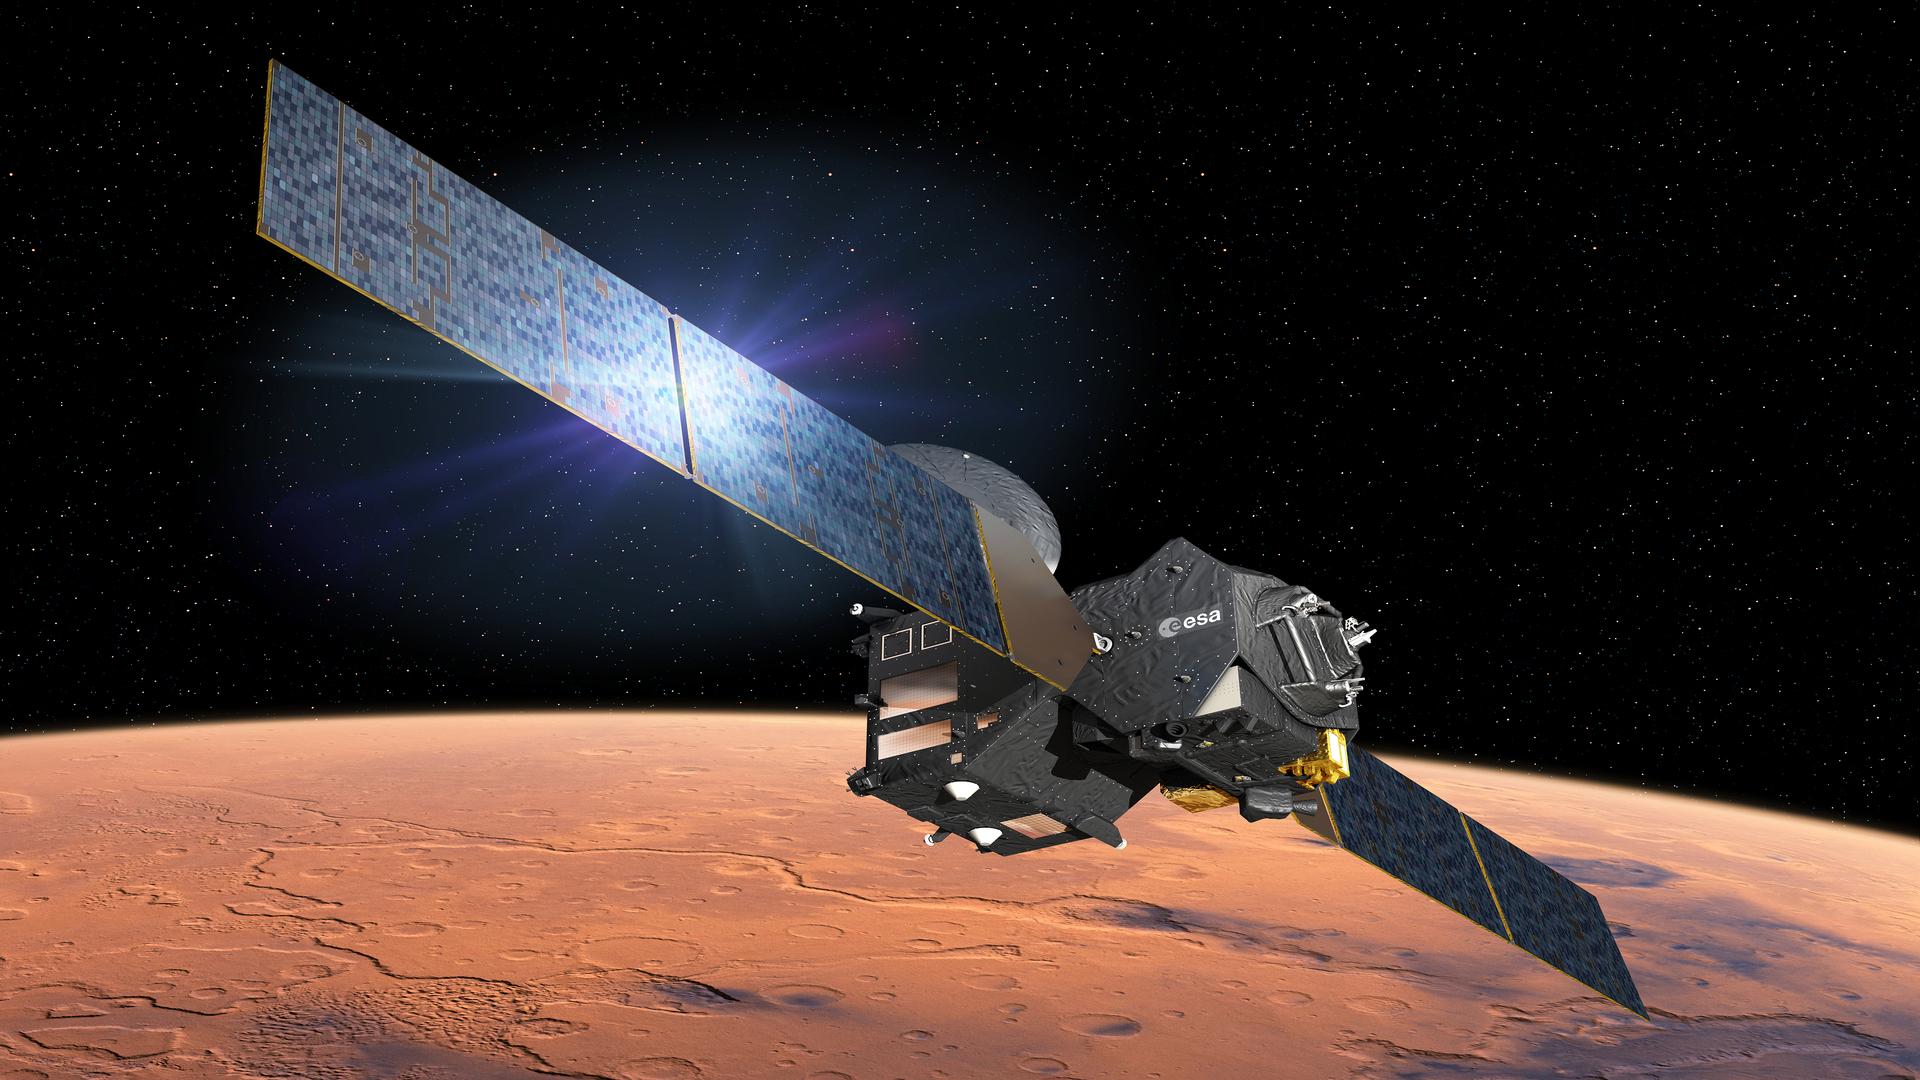 ASI - L'acqua in fuga da Marte testimonia i cambiamenti climatici del pianeta